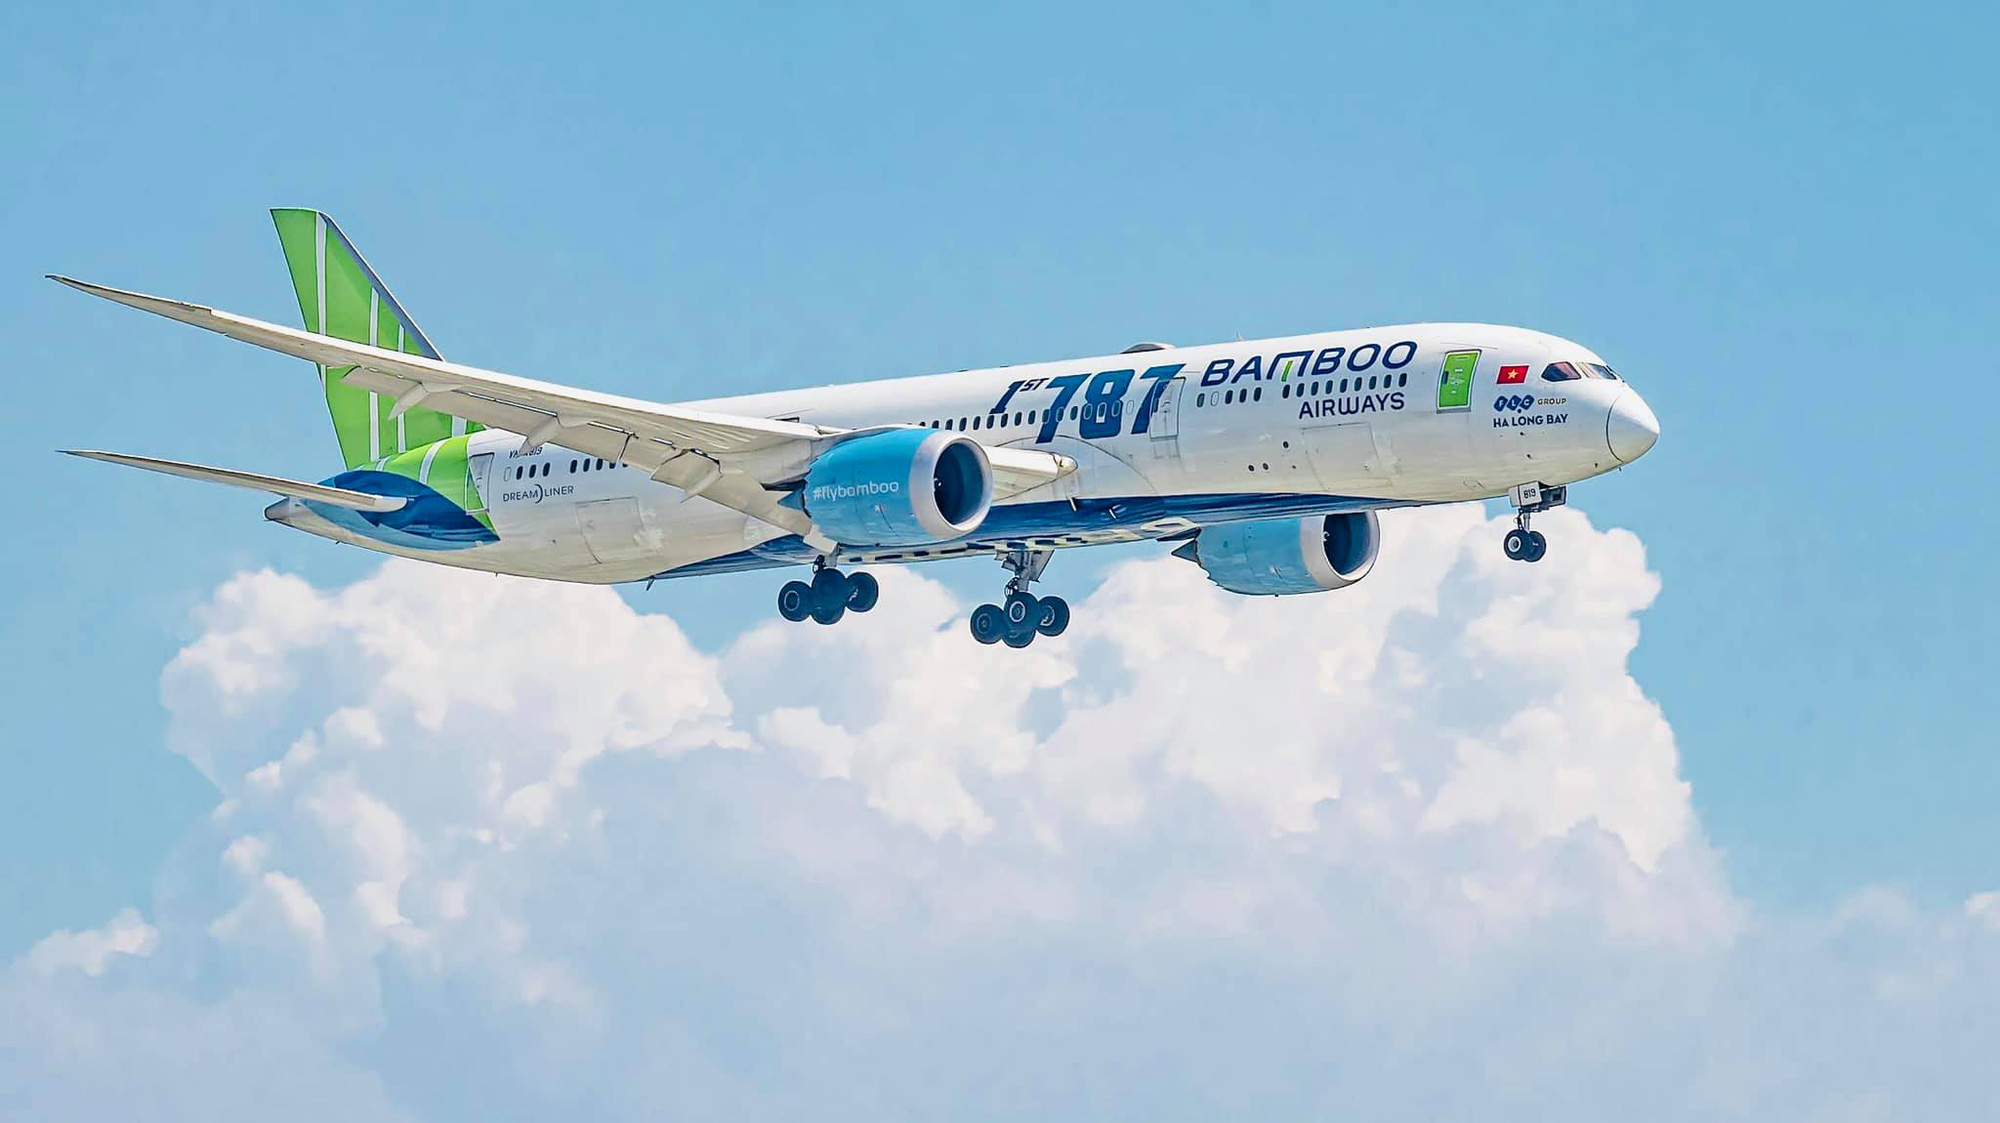 Kịch bản mở lại đường bay nội địa, hãng hàng không có thể bị tạm dừng bay - Ảnh 2.